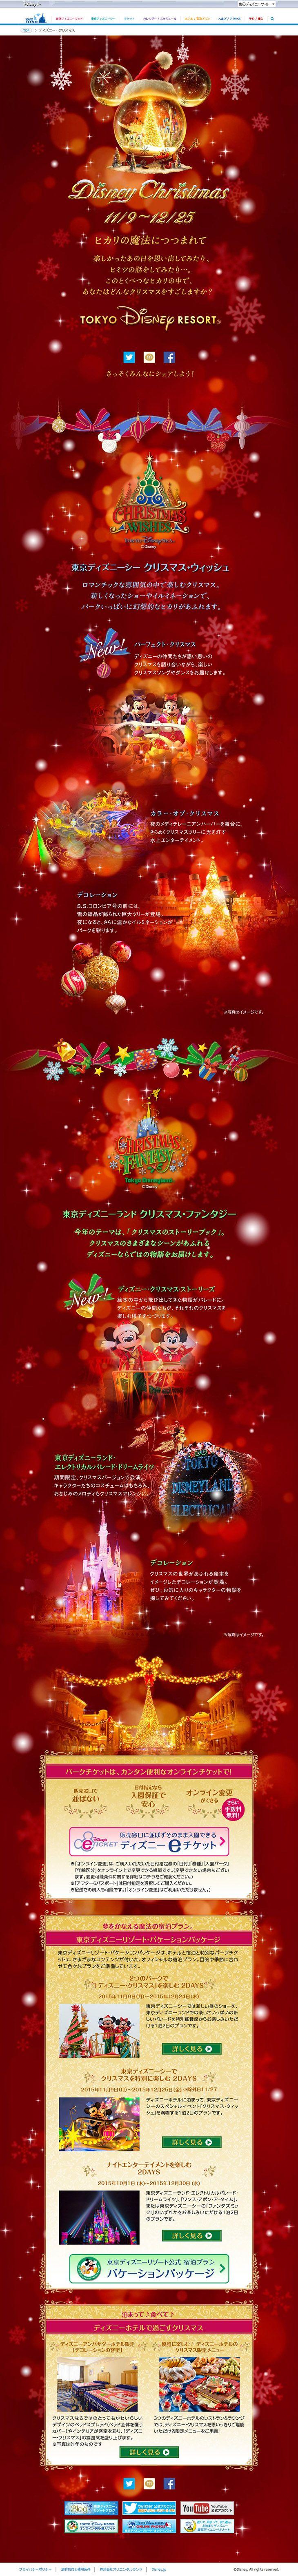 ランディングページ LP Disney Christmas2015|スポーツ|自社サイト